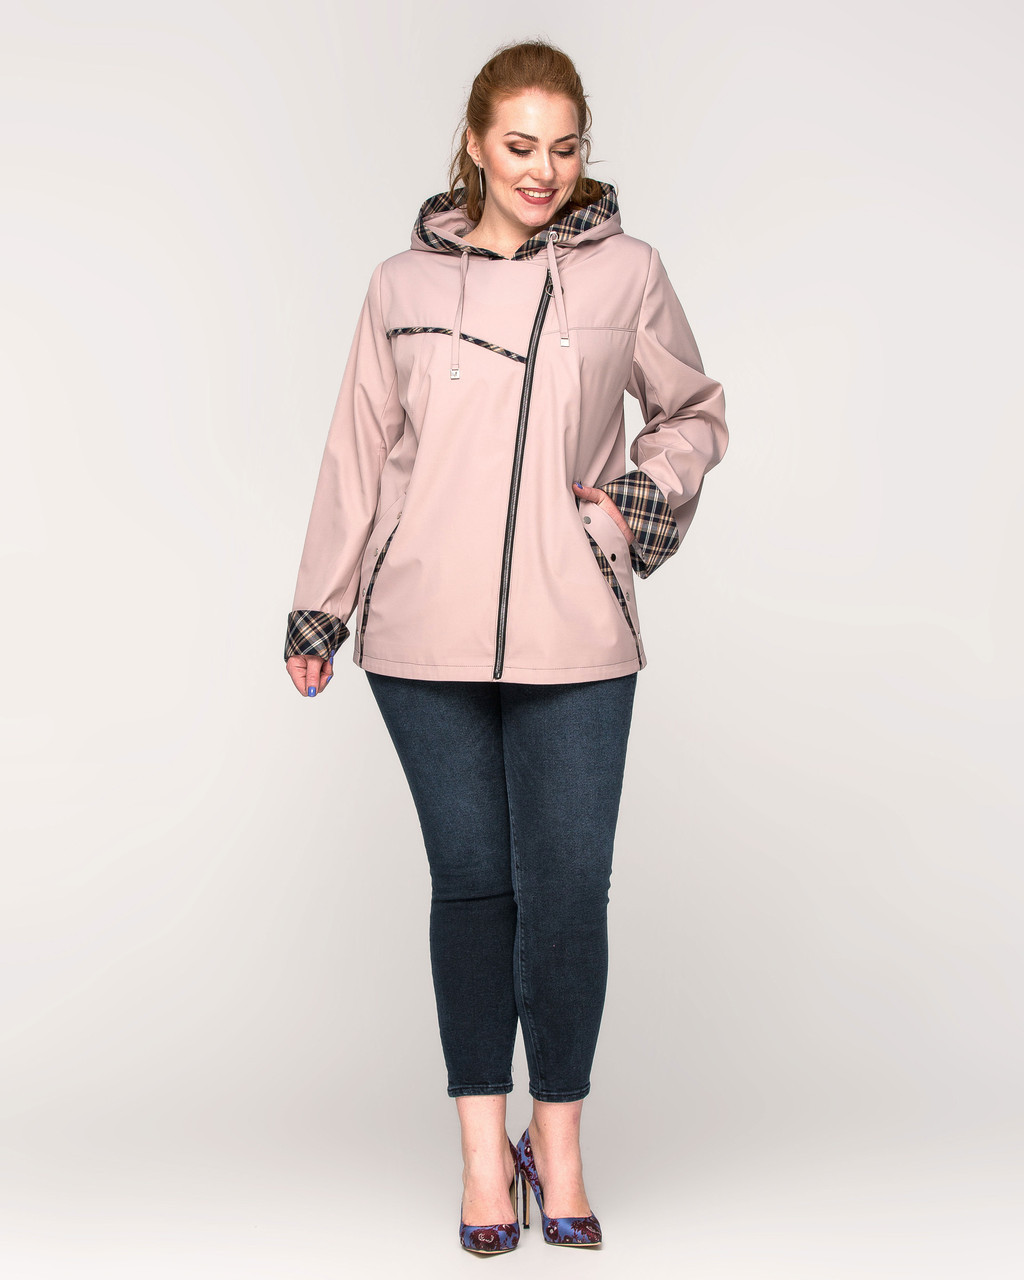 Женская куртка- ветровка  с капюшоном батал - М 4145